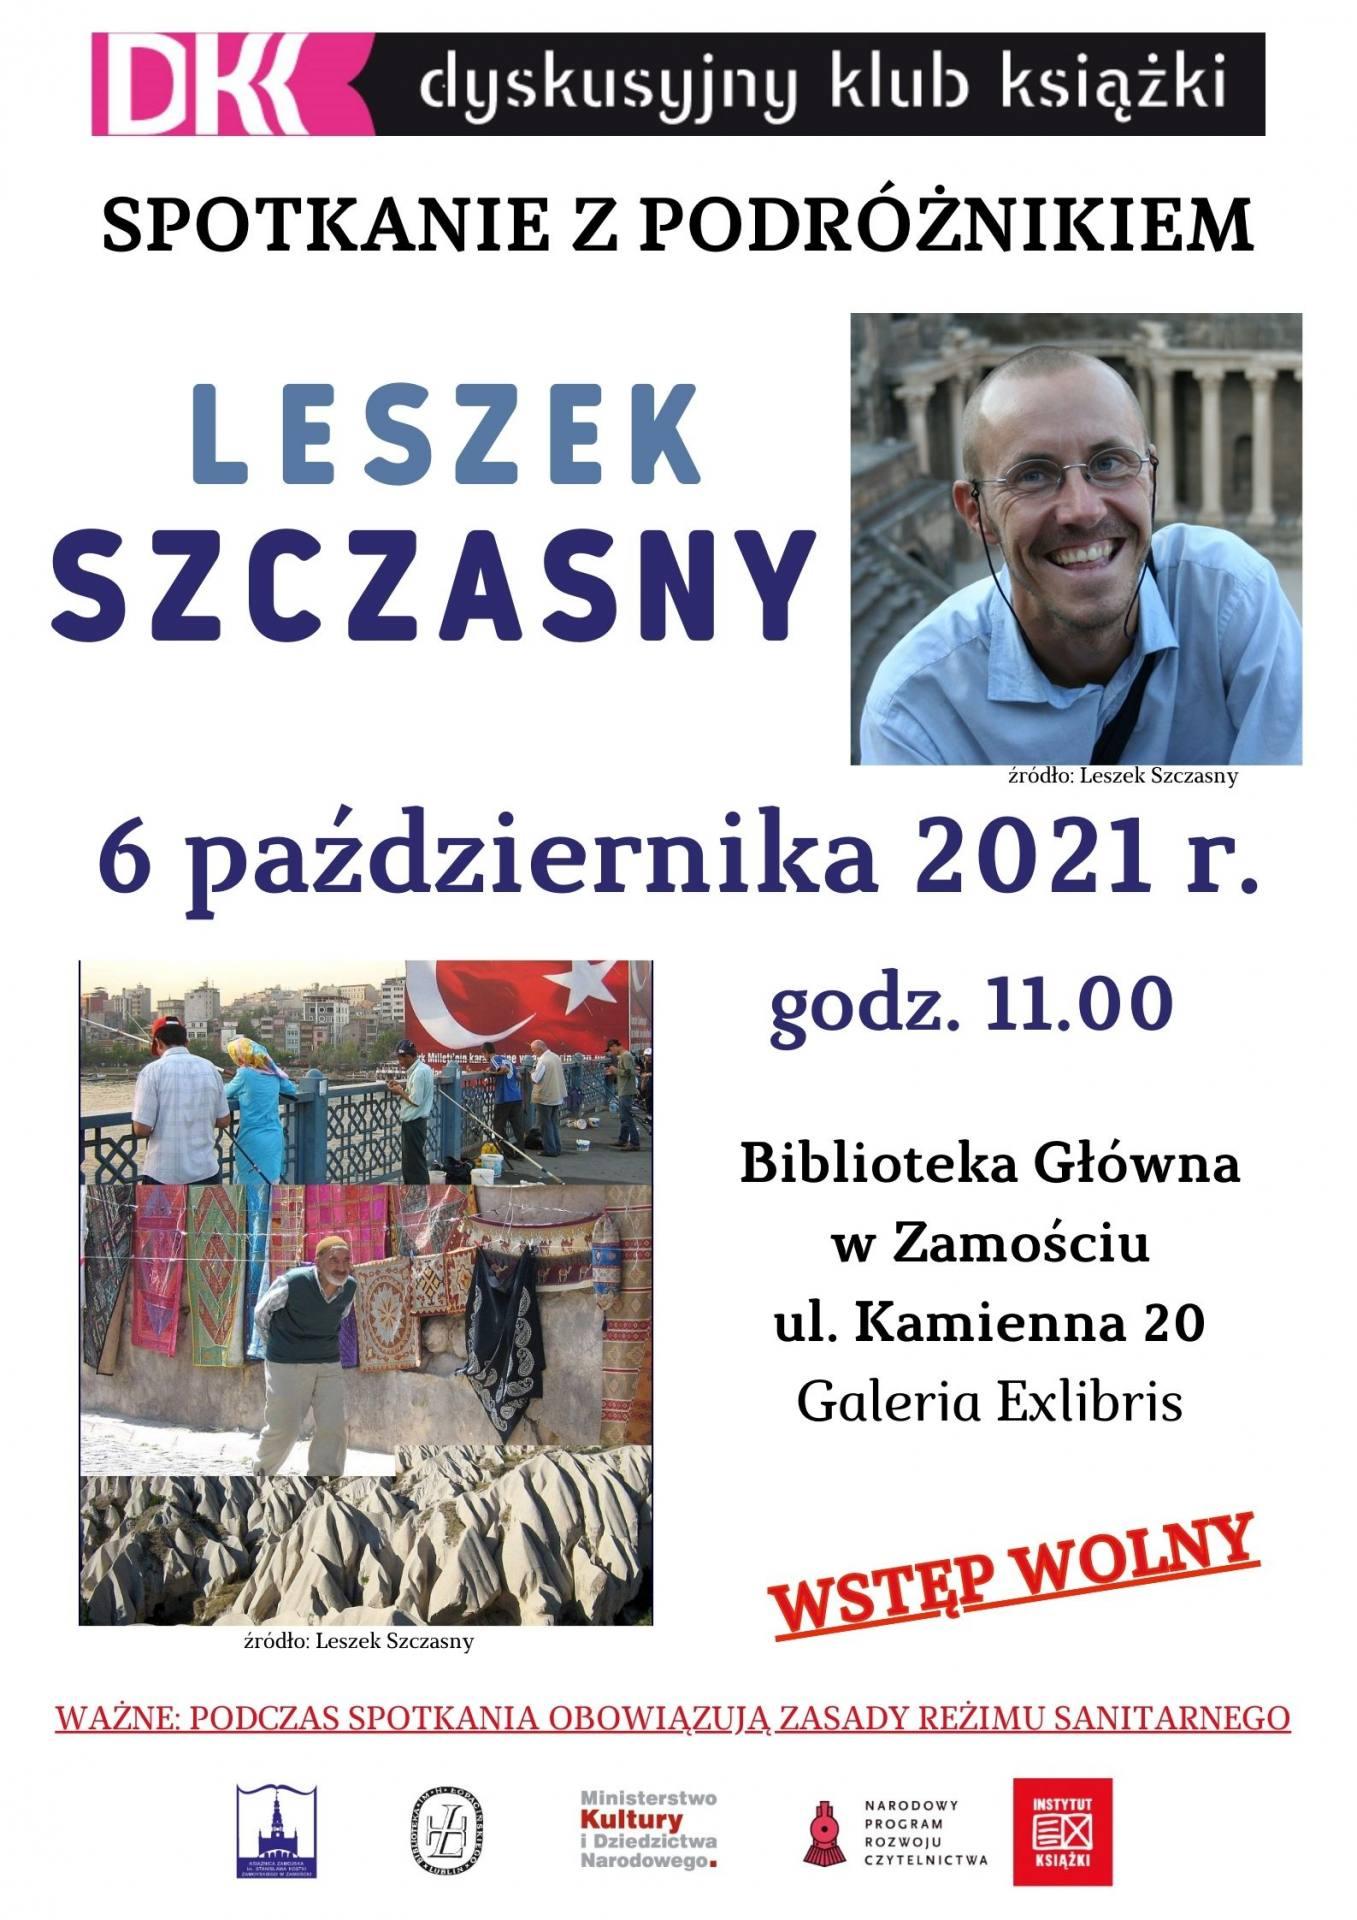 dkkpazdziernik2021 Spotkanie z podróżnikiem Leszkiem Szczasnym